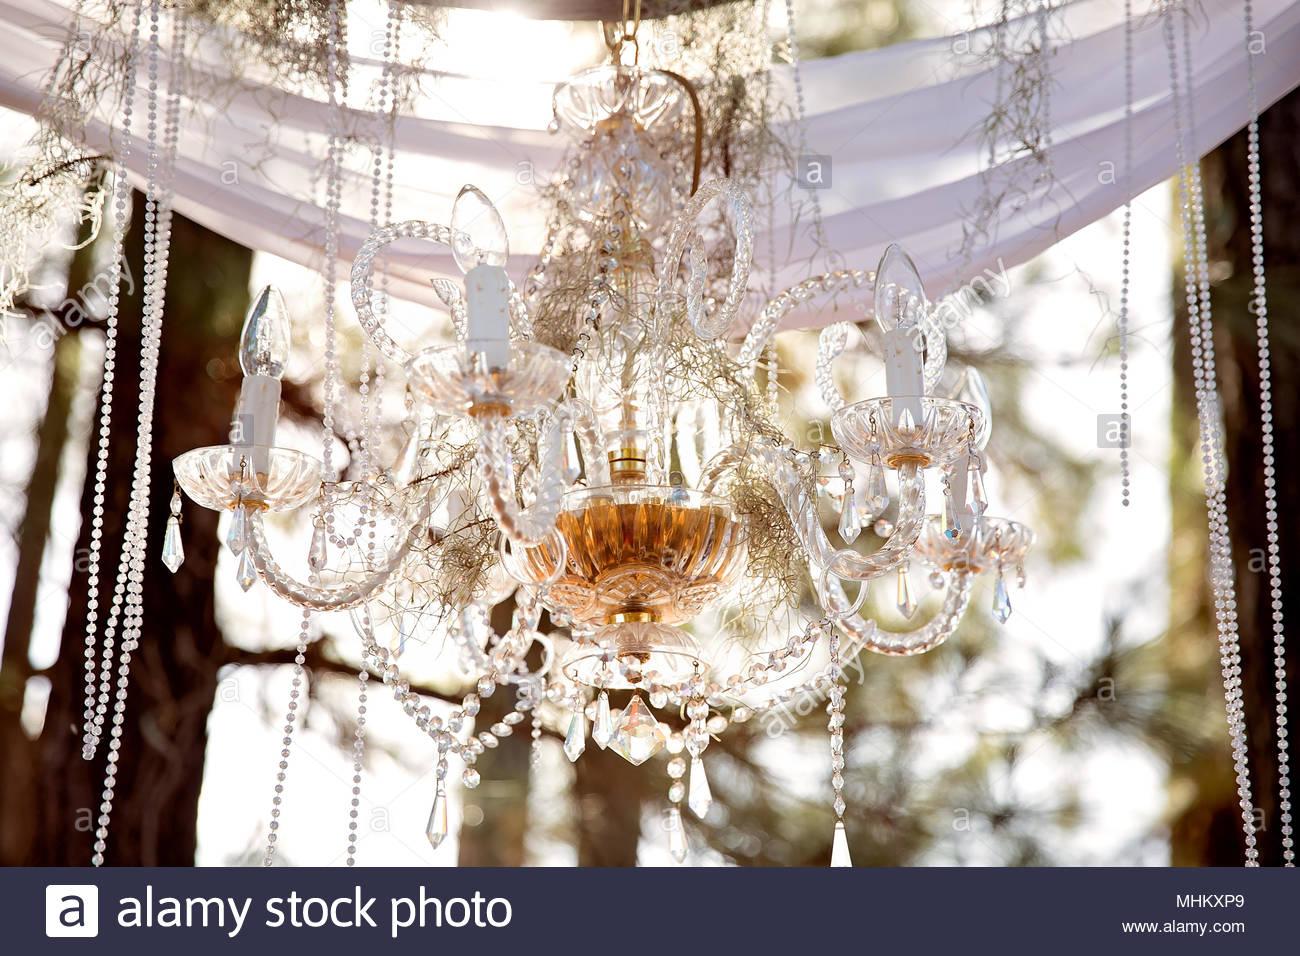 Kristall Perlen Kronleuchter ~ Kronleuchter aus kristall perlen und chiffon form eine hochzeit